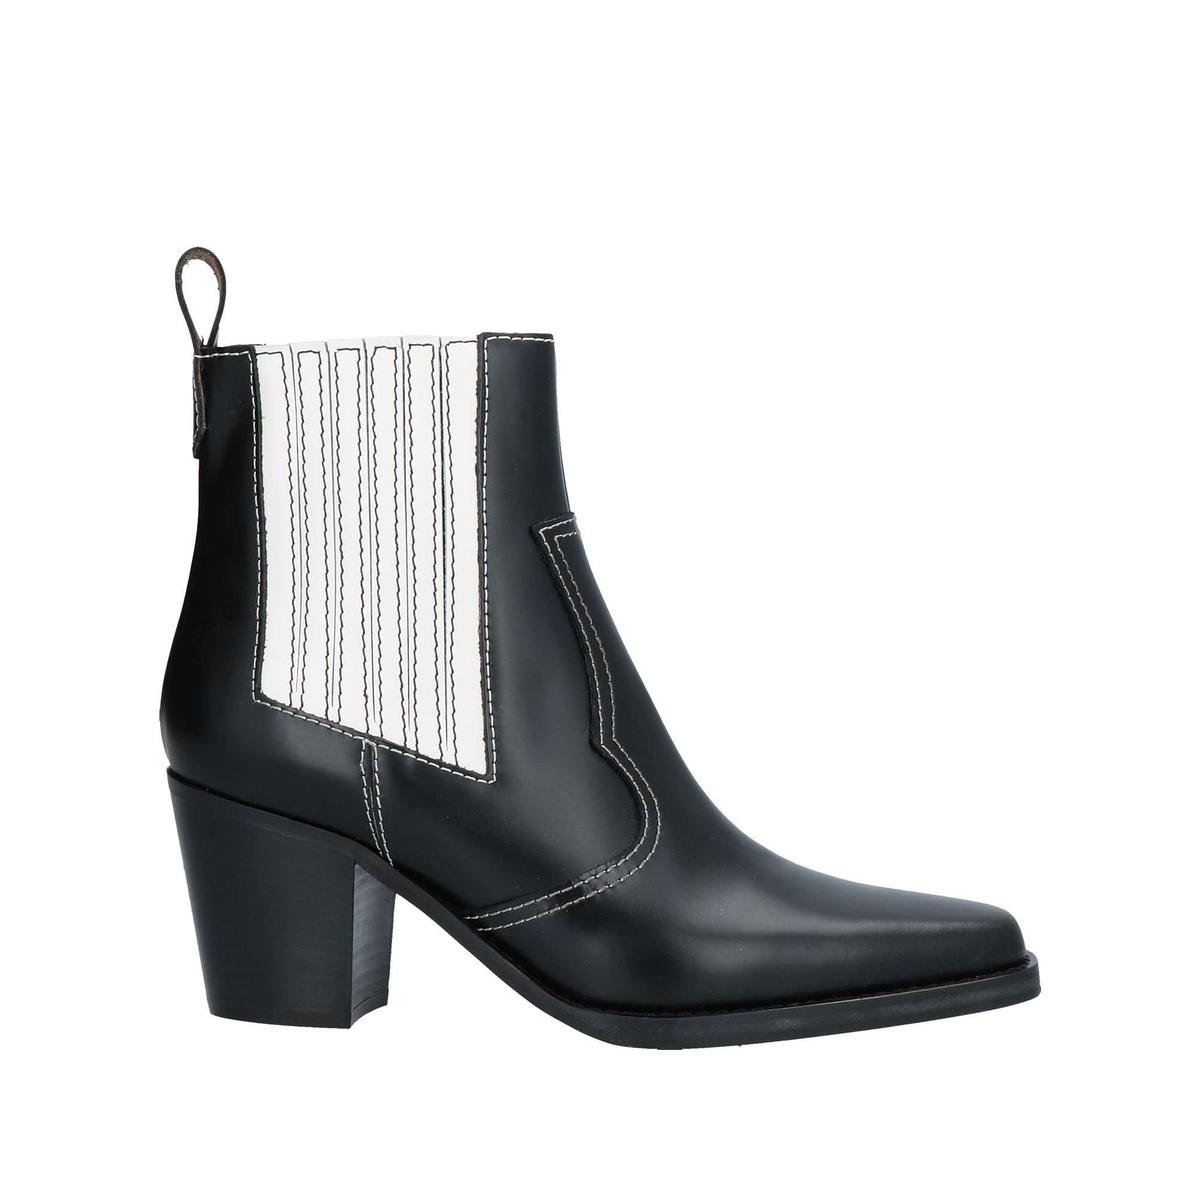 包税代购Ganni 脚踝靴2021新款奢侈品冬季女靴袜靴高跟鞋网红百搭